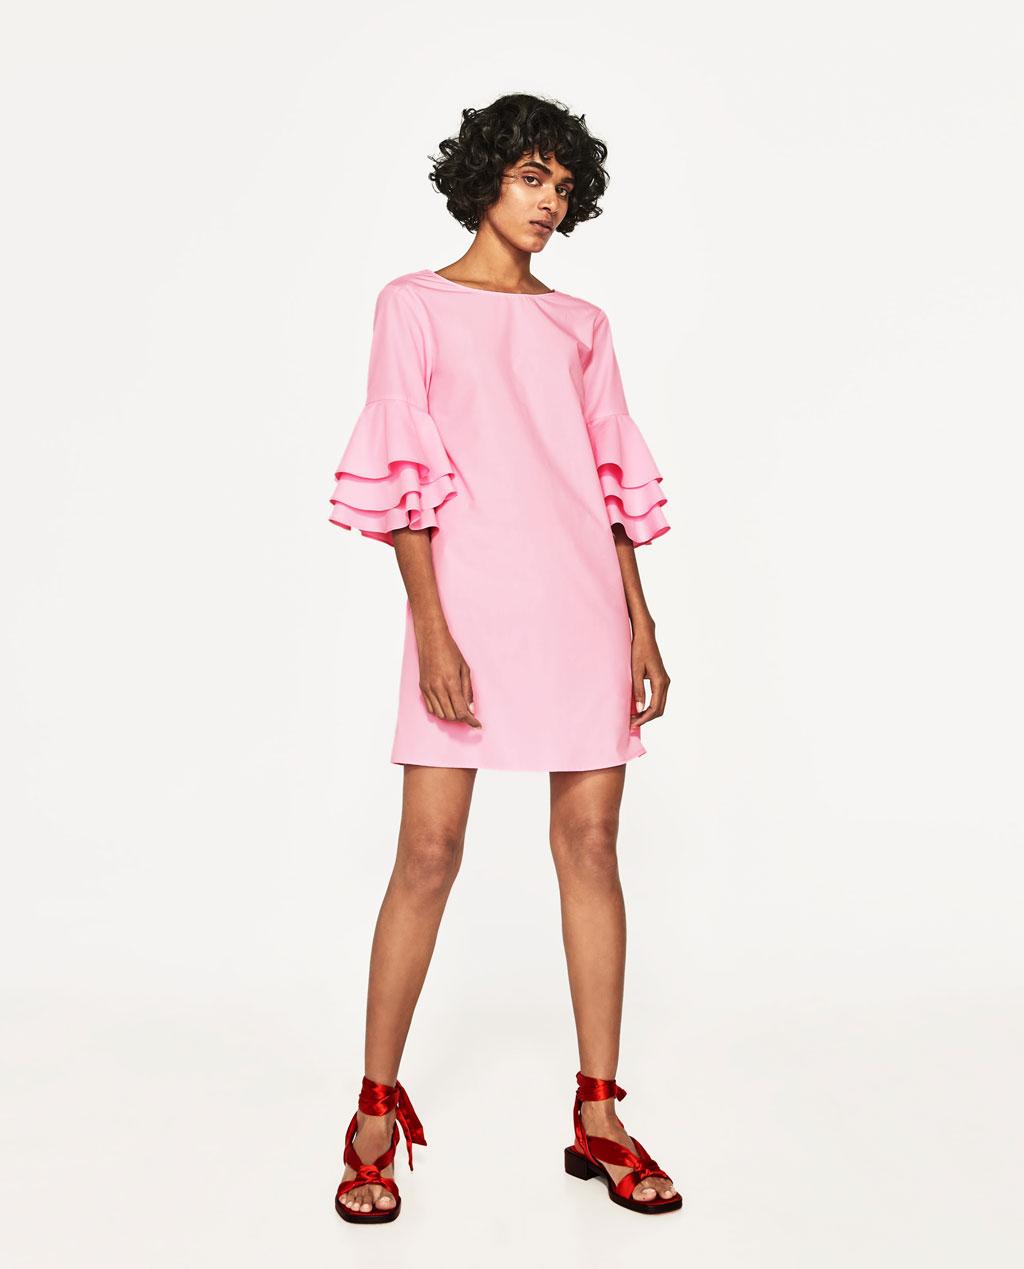 Hermosa Trajes De Boda Zara Ornamento - Colección de Vestidos de ...